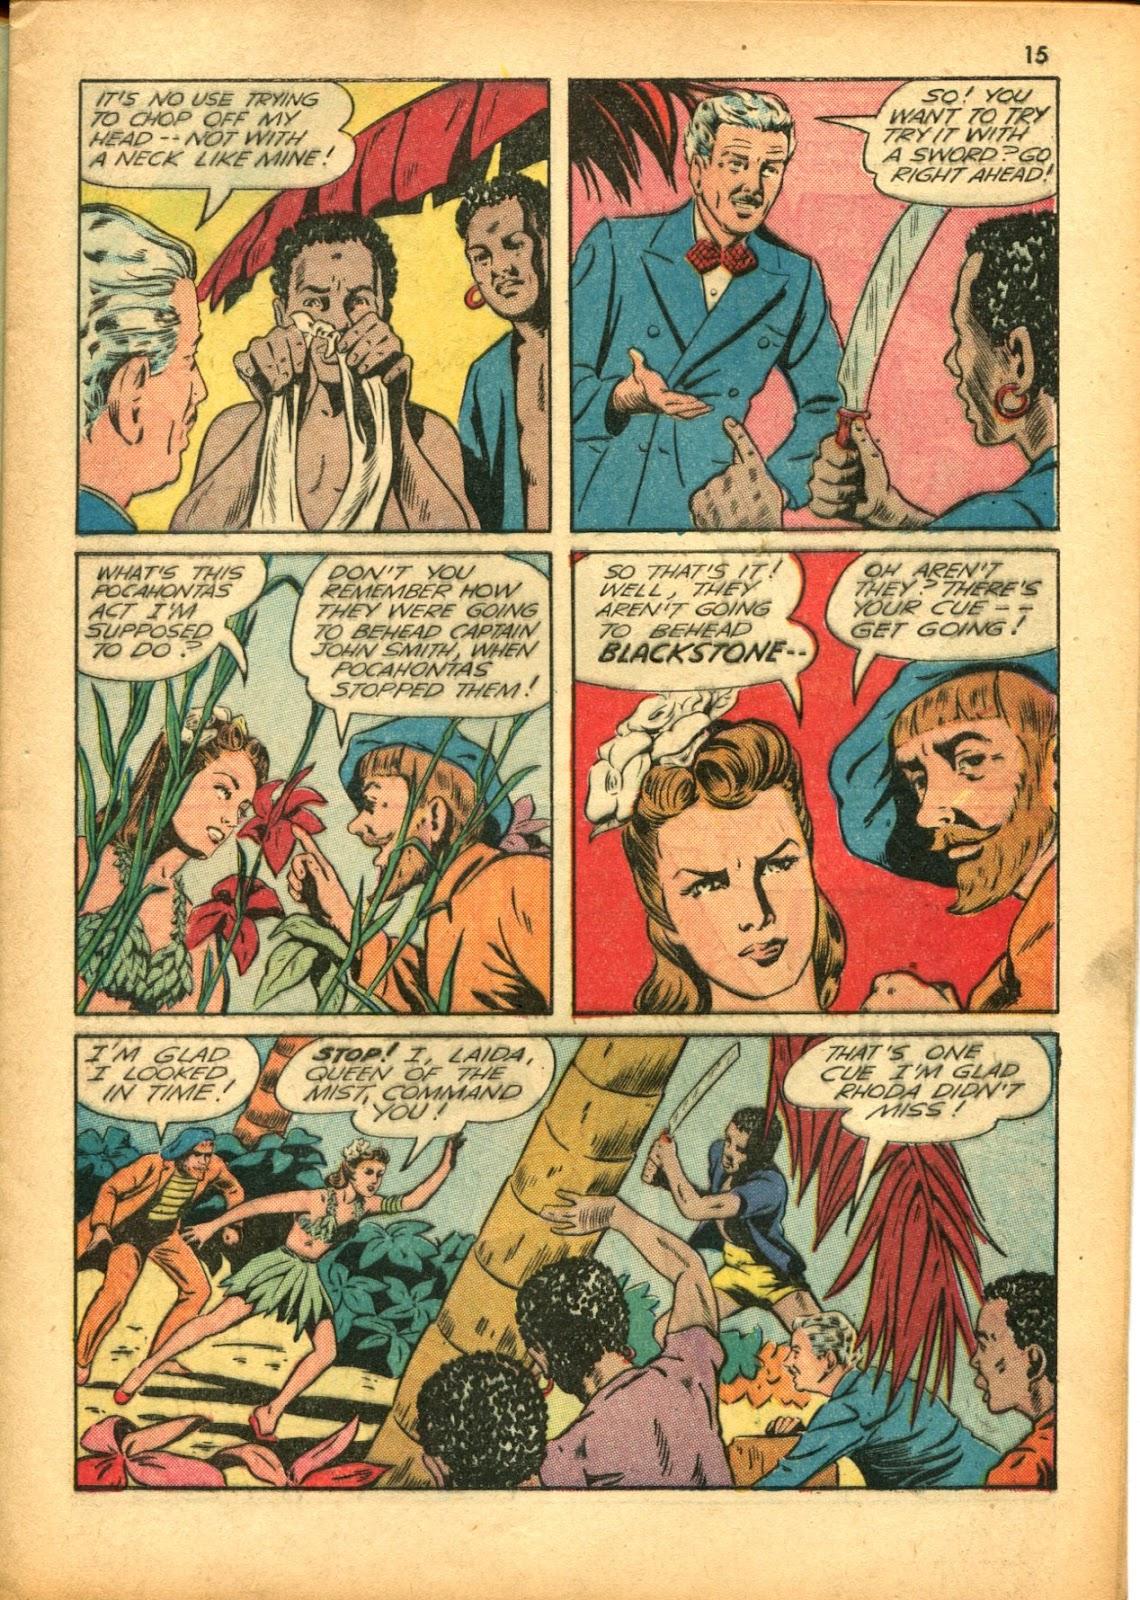 Read online Super-Magician Comics comic -  Issue #15 - 15